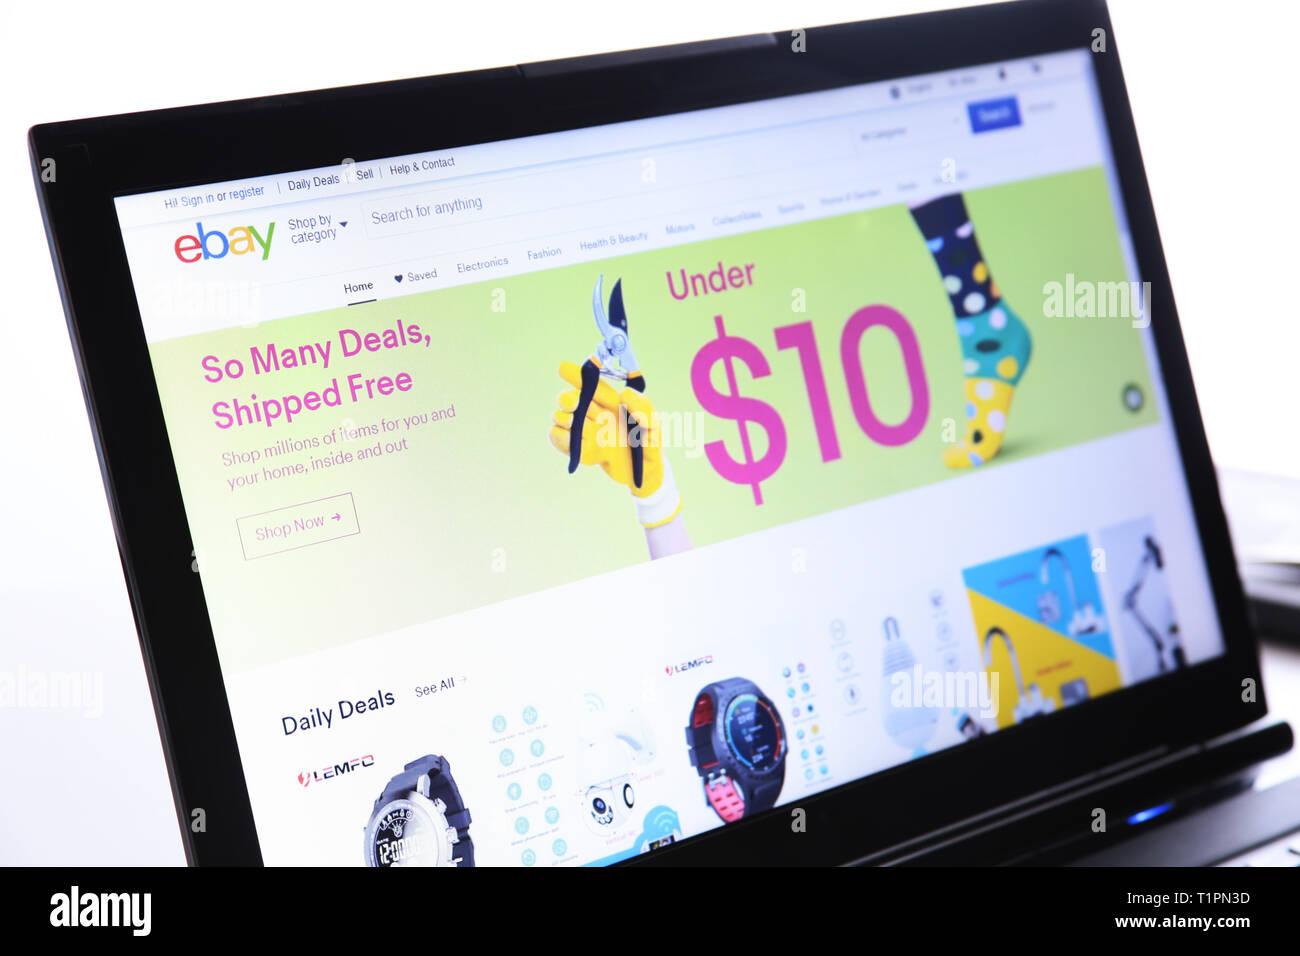 New York, USA - 25. März 2019: Illustrative Redaktion der Website von EBAY.COM eBay Logo sichtbar auf dem Anzeigebildschirm angezeigt. Stockbild